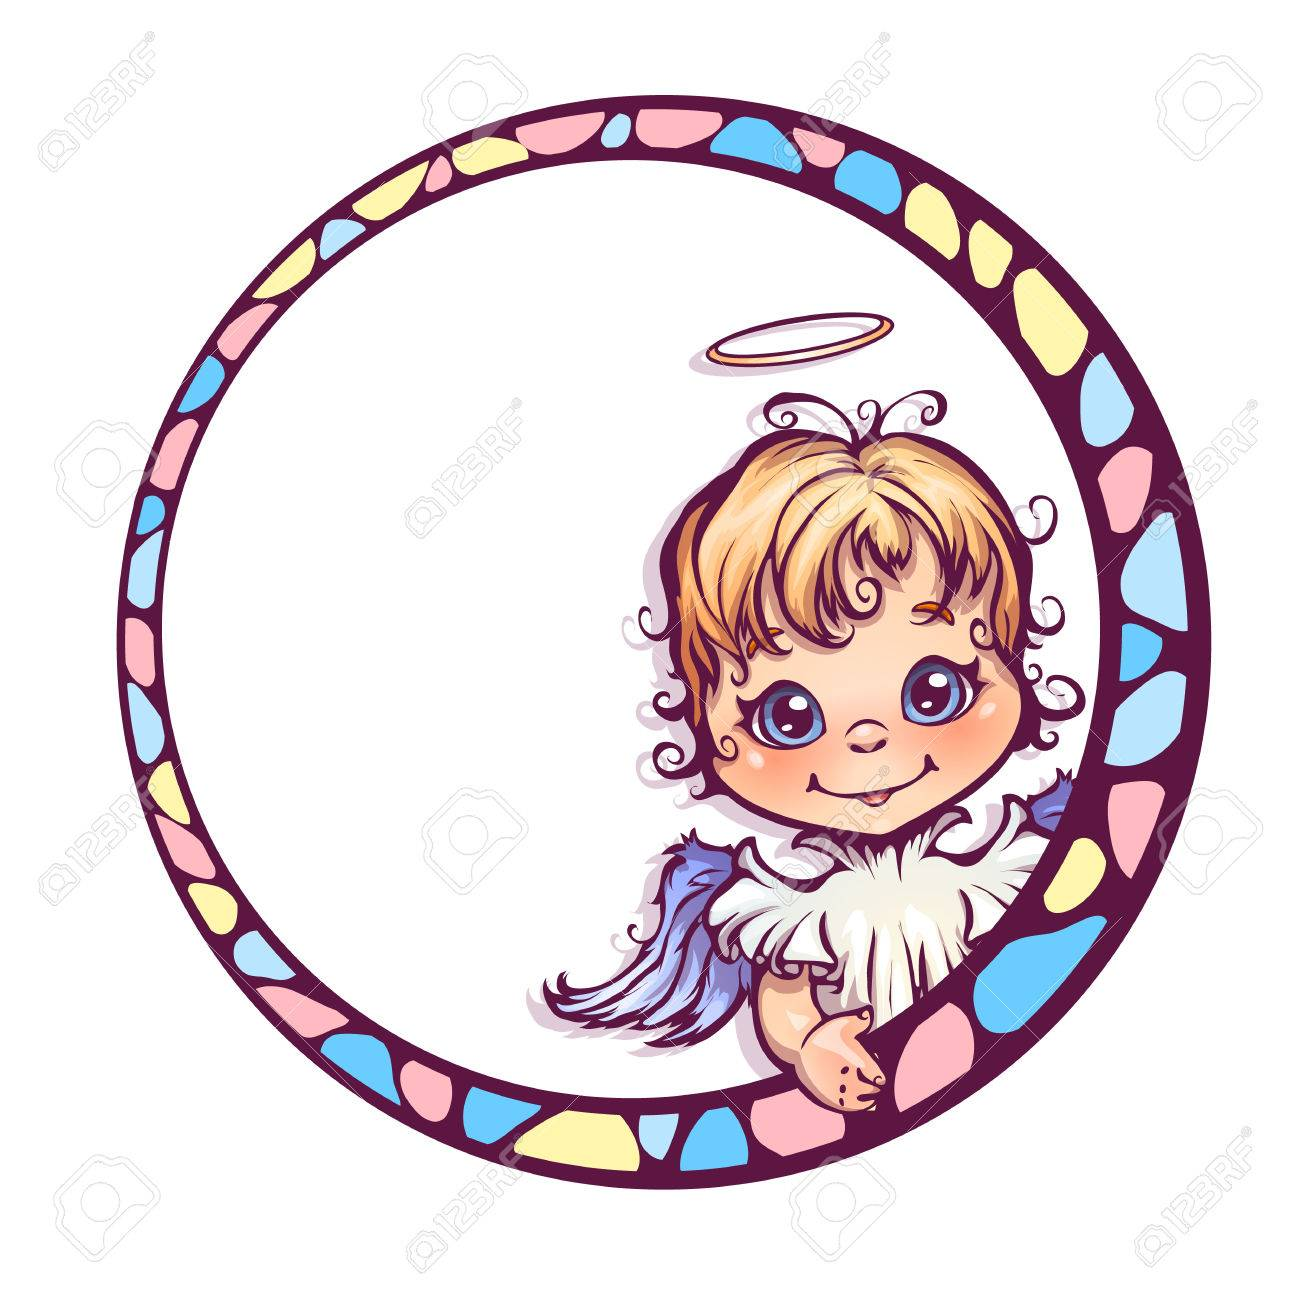 Ilustración Vectorial De Marco Con ángel Lindo. Ilustraciones ...